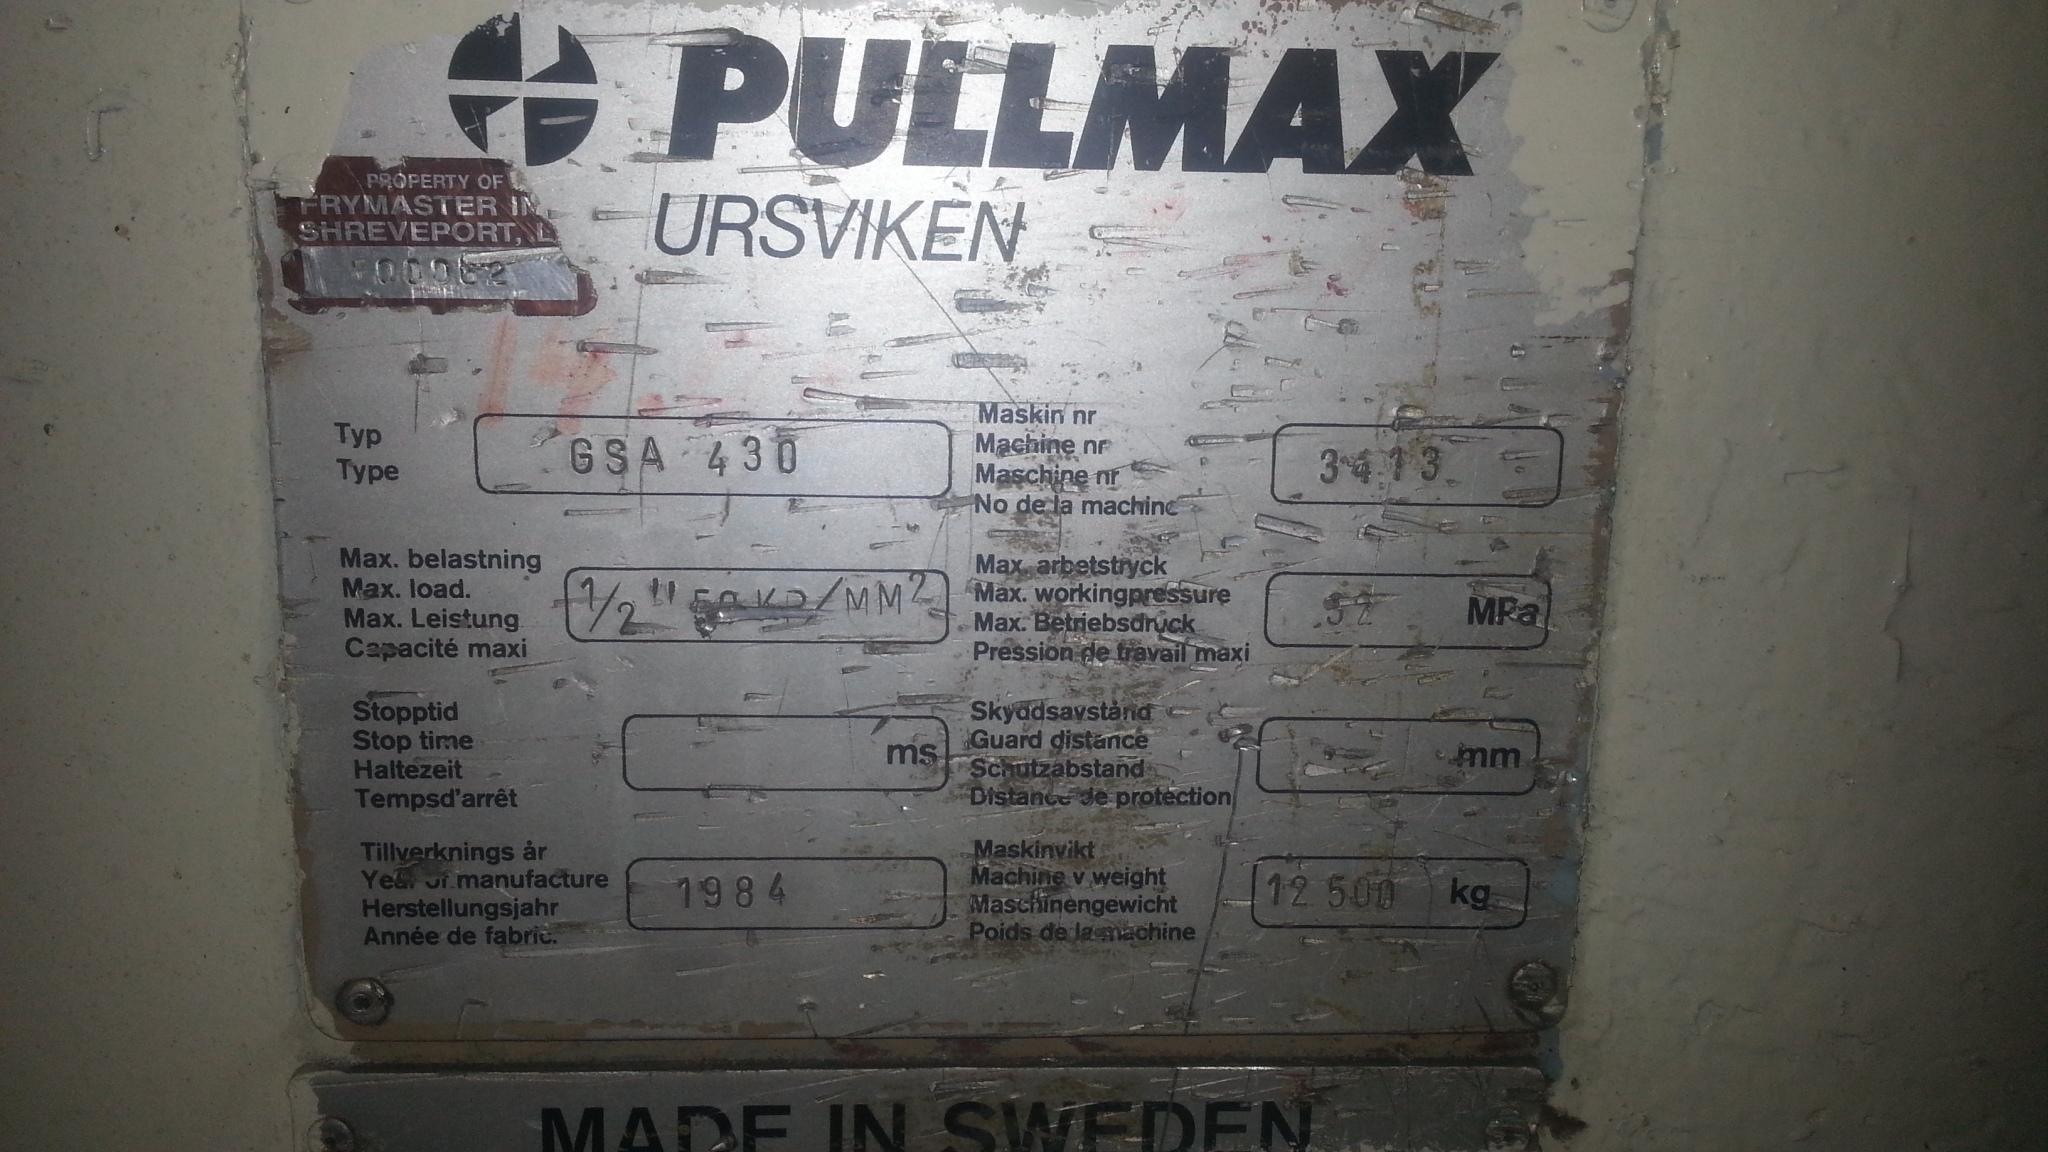 1 - PREOWNED PULLMAX HYDRAULIC SHEAR, 10 ft X 1/2 in , <br>MODEL #: GSA 430, S/N: 3413, YEAR: 1984